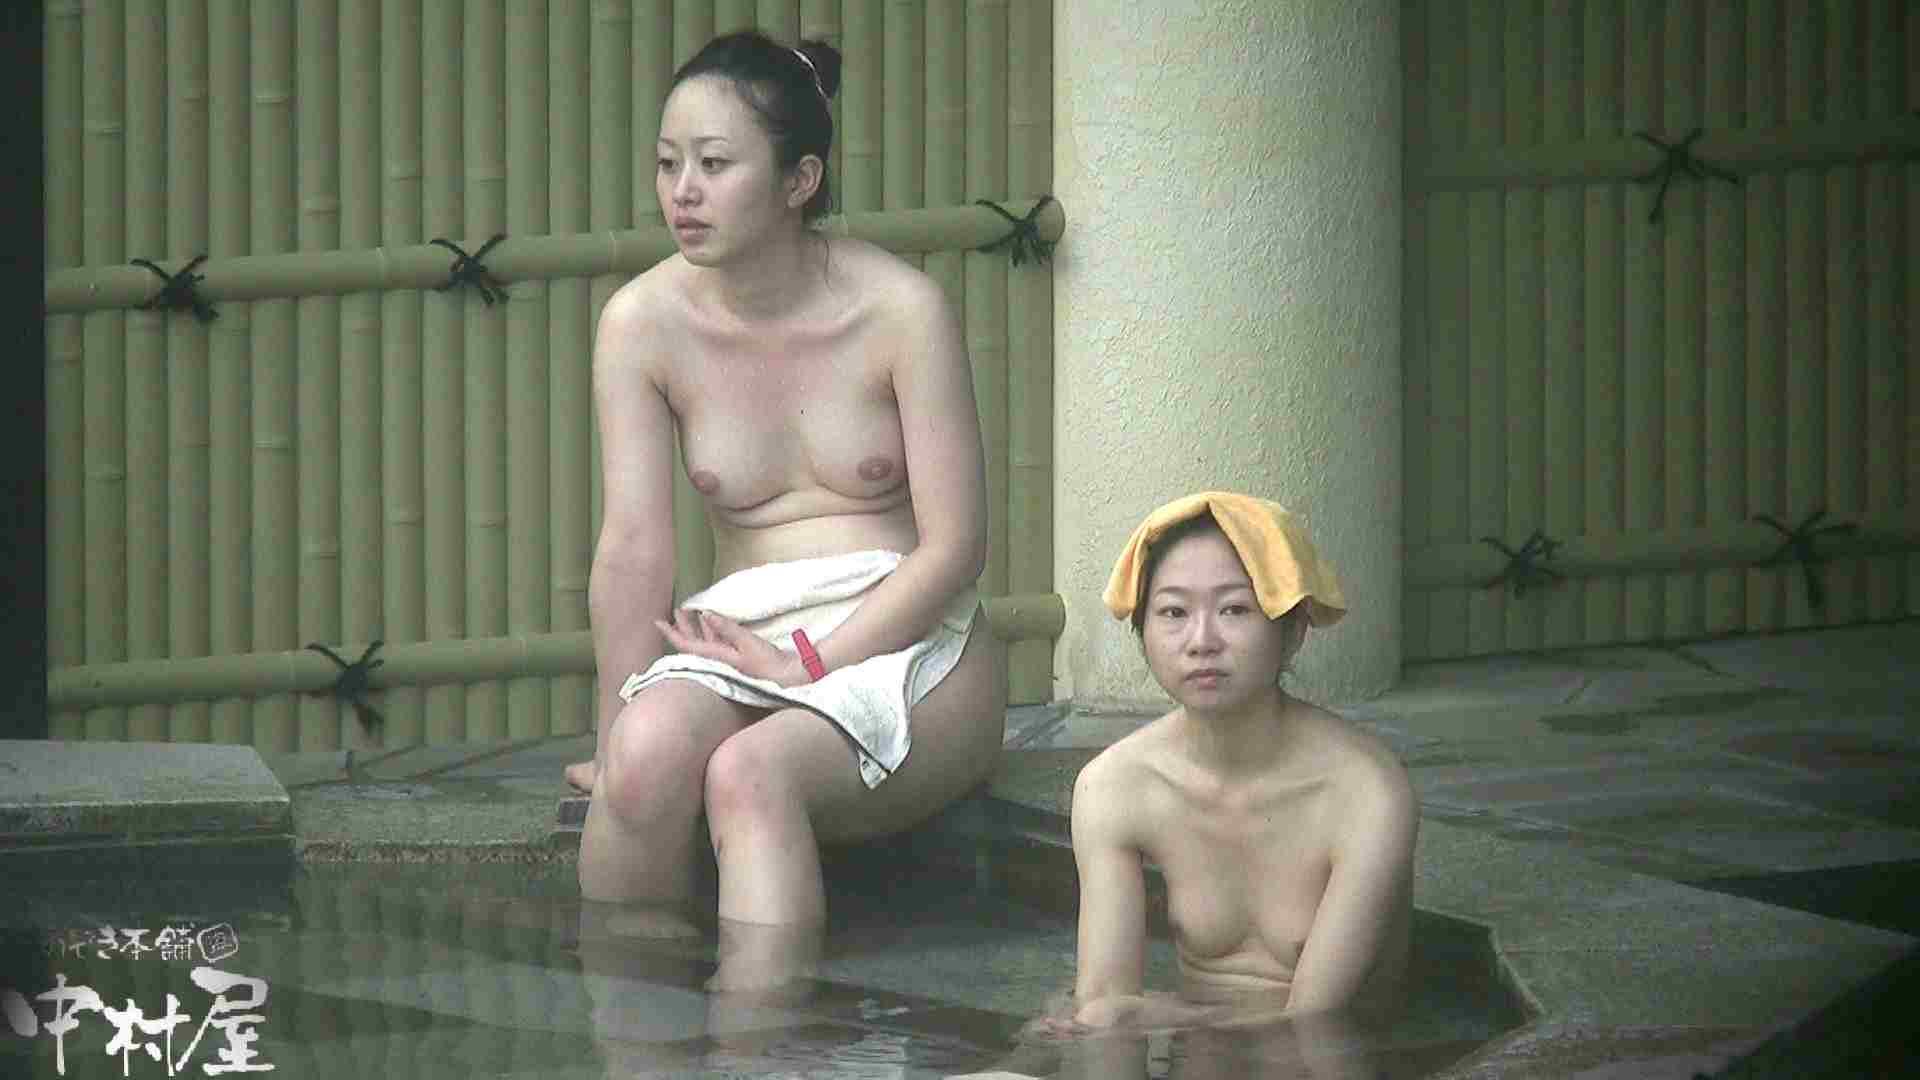 Aquaな露天風呂Vol.912 盗撮特撮 盗撮動画紹介 13pic 5